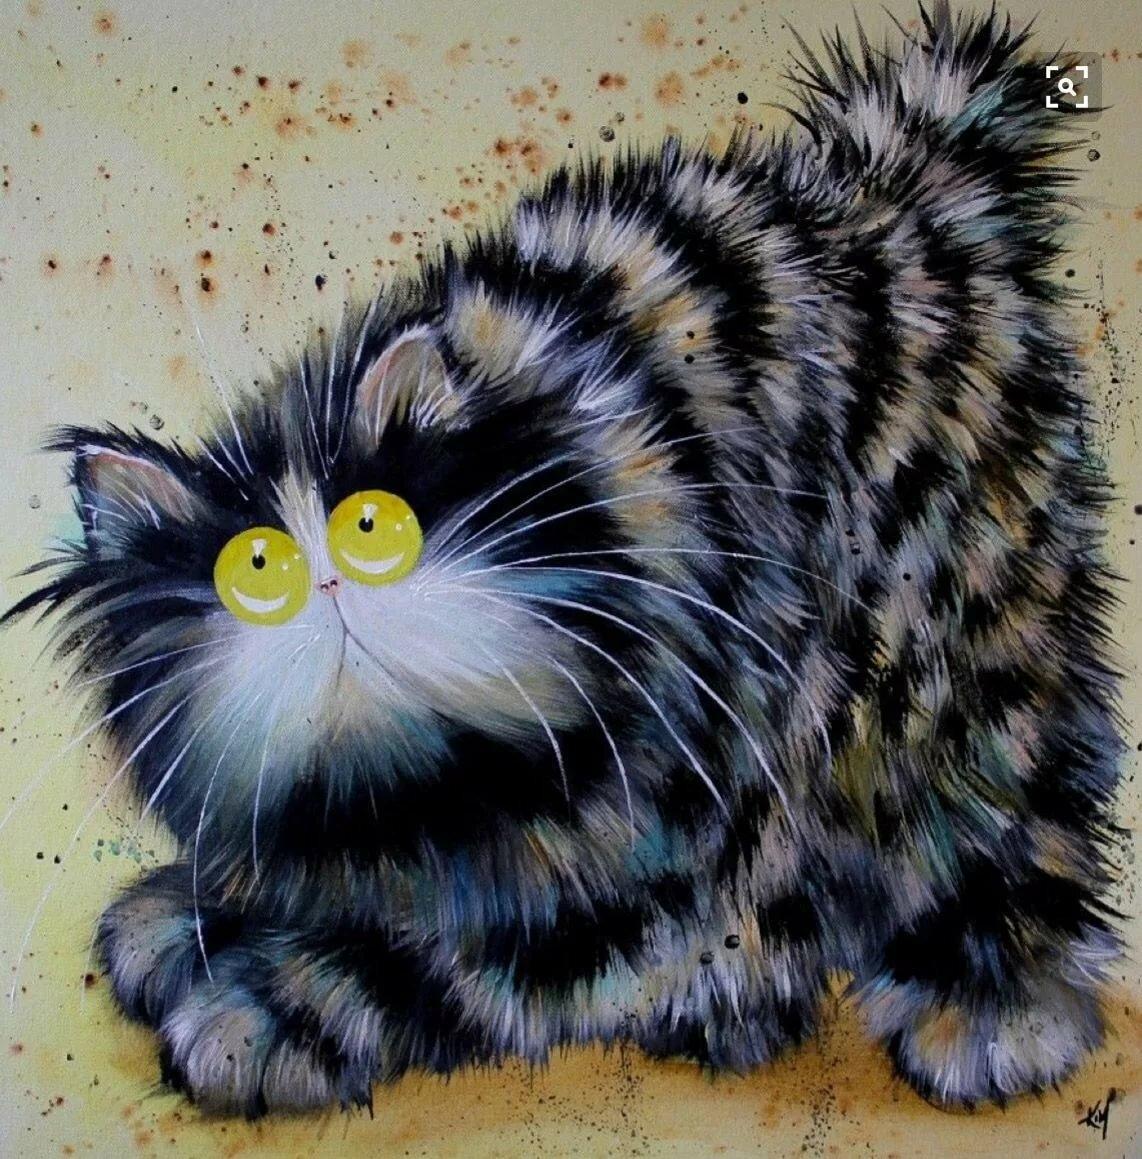 Прикольные картинки рисунки кошек